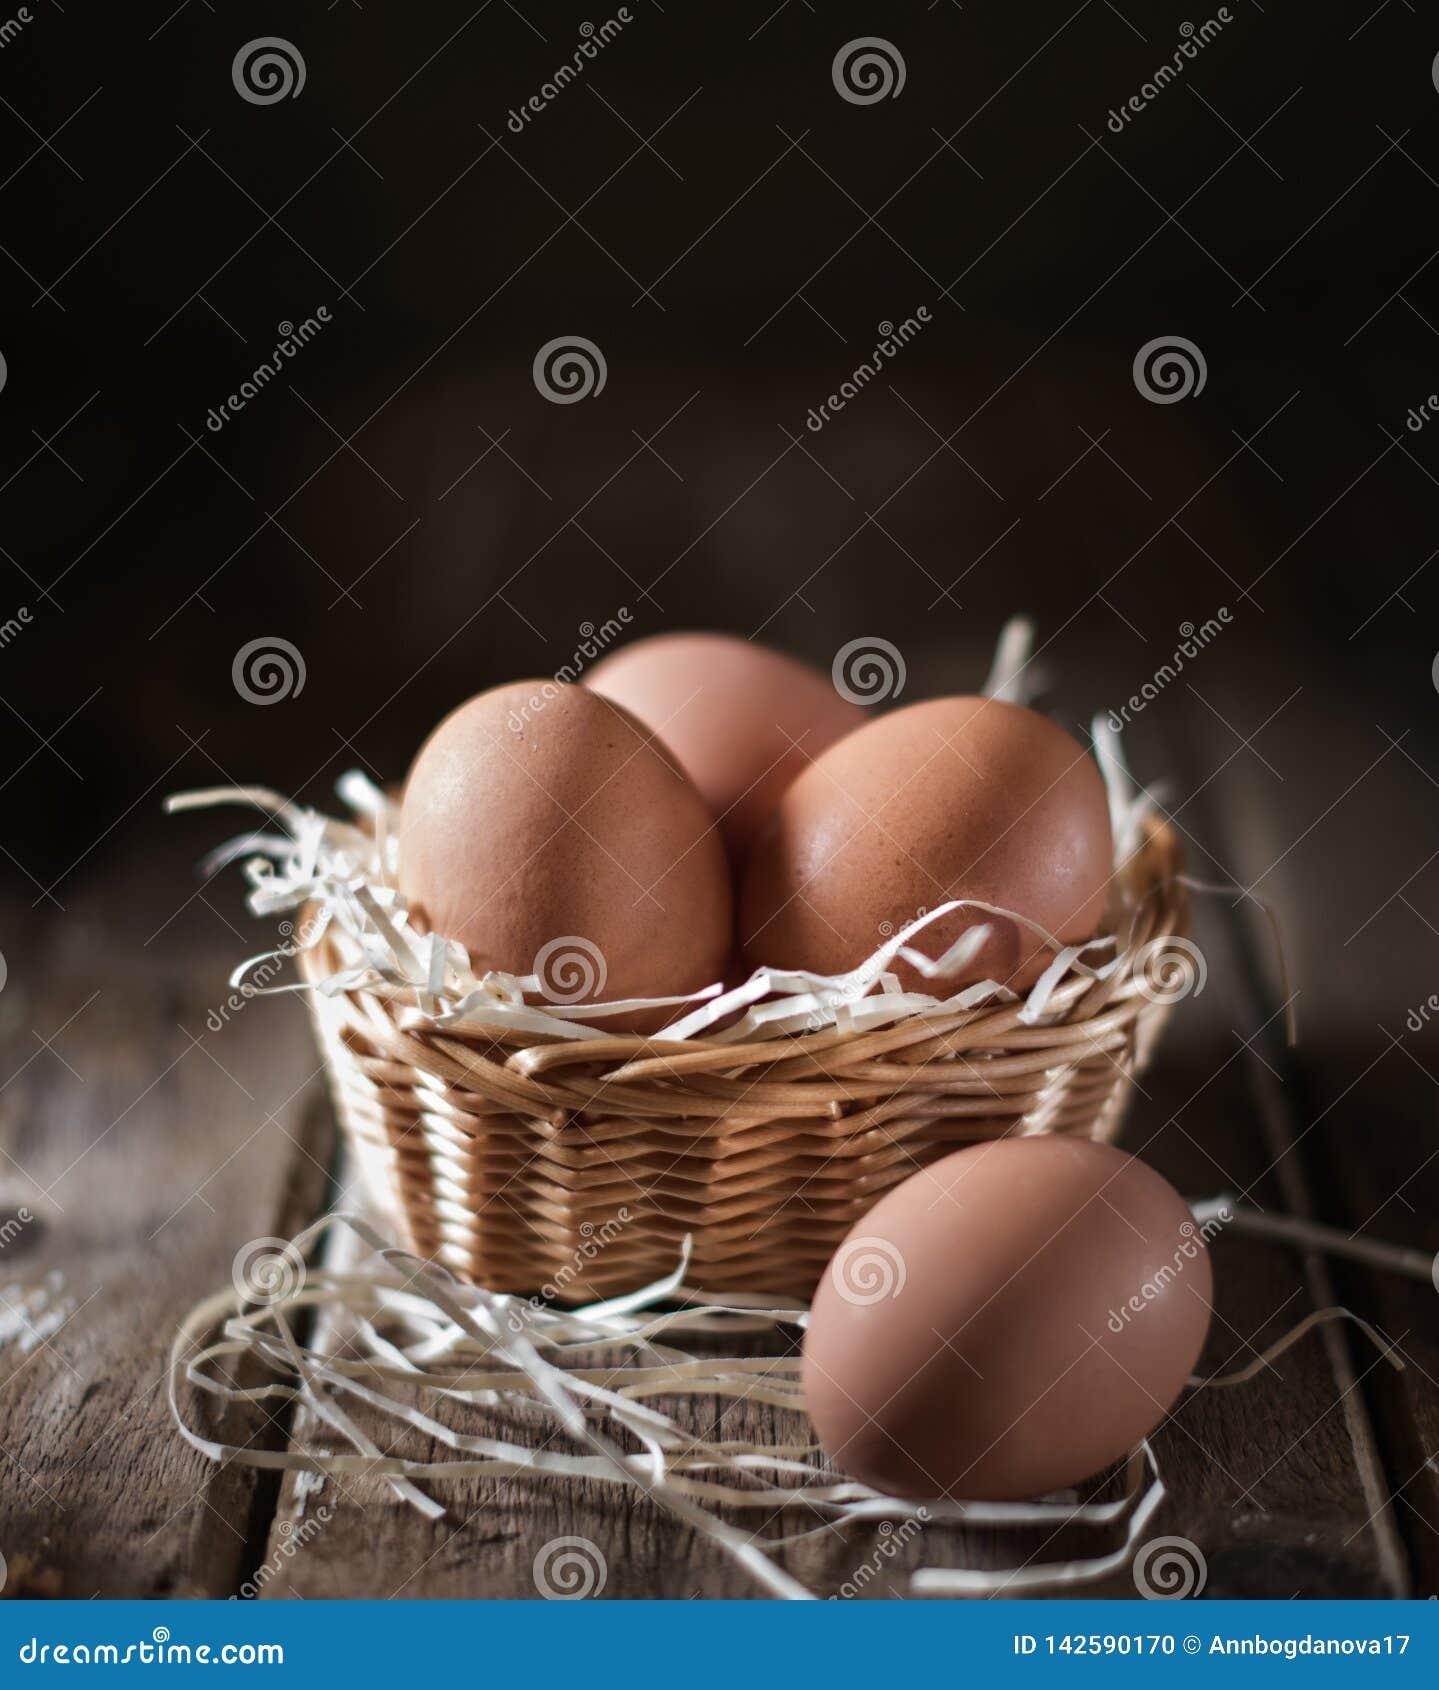 Яйцо в плетеной корзине на деревенской таблице